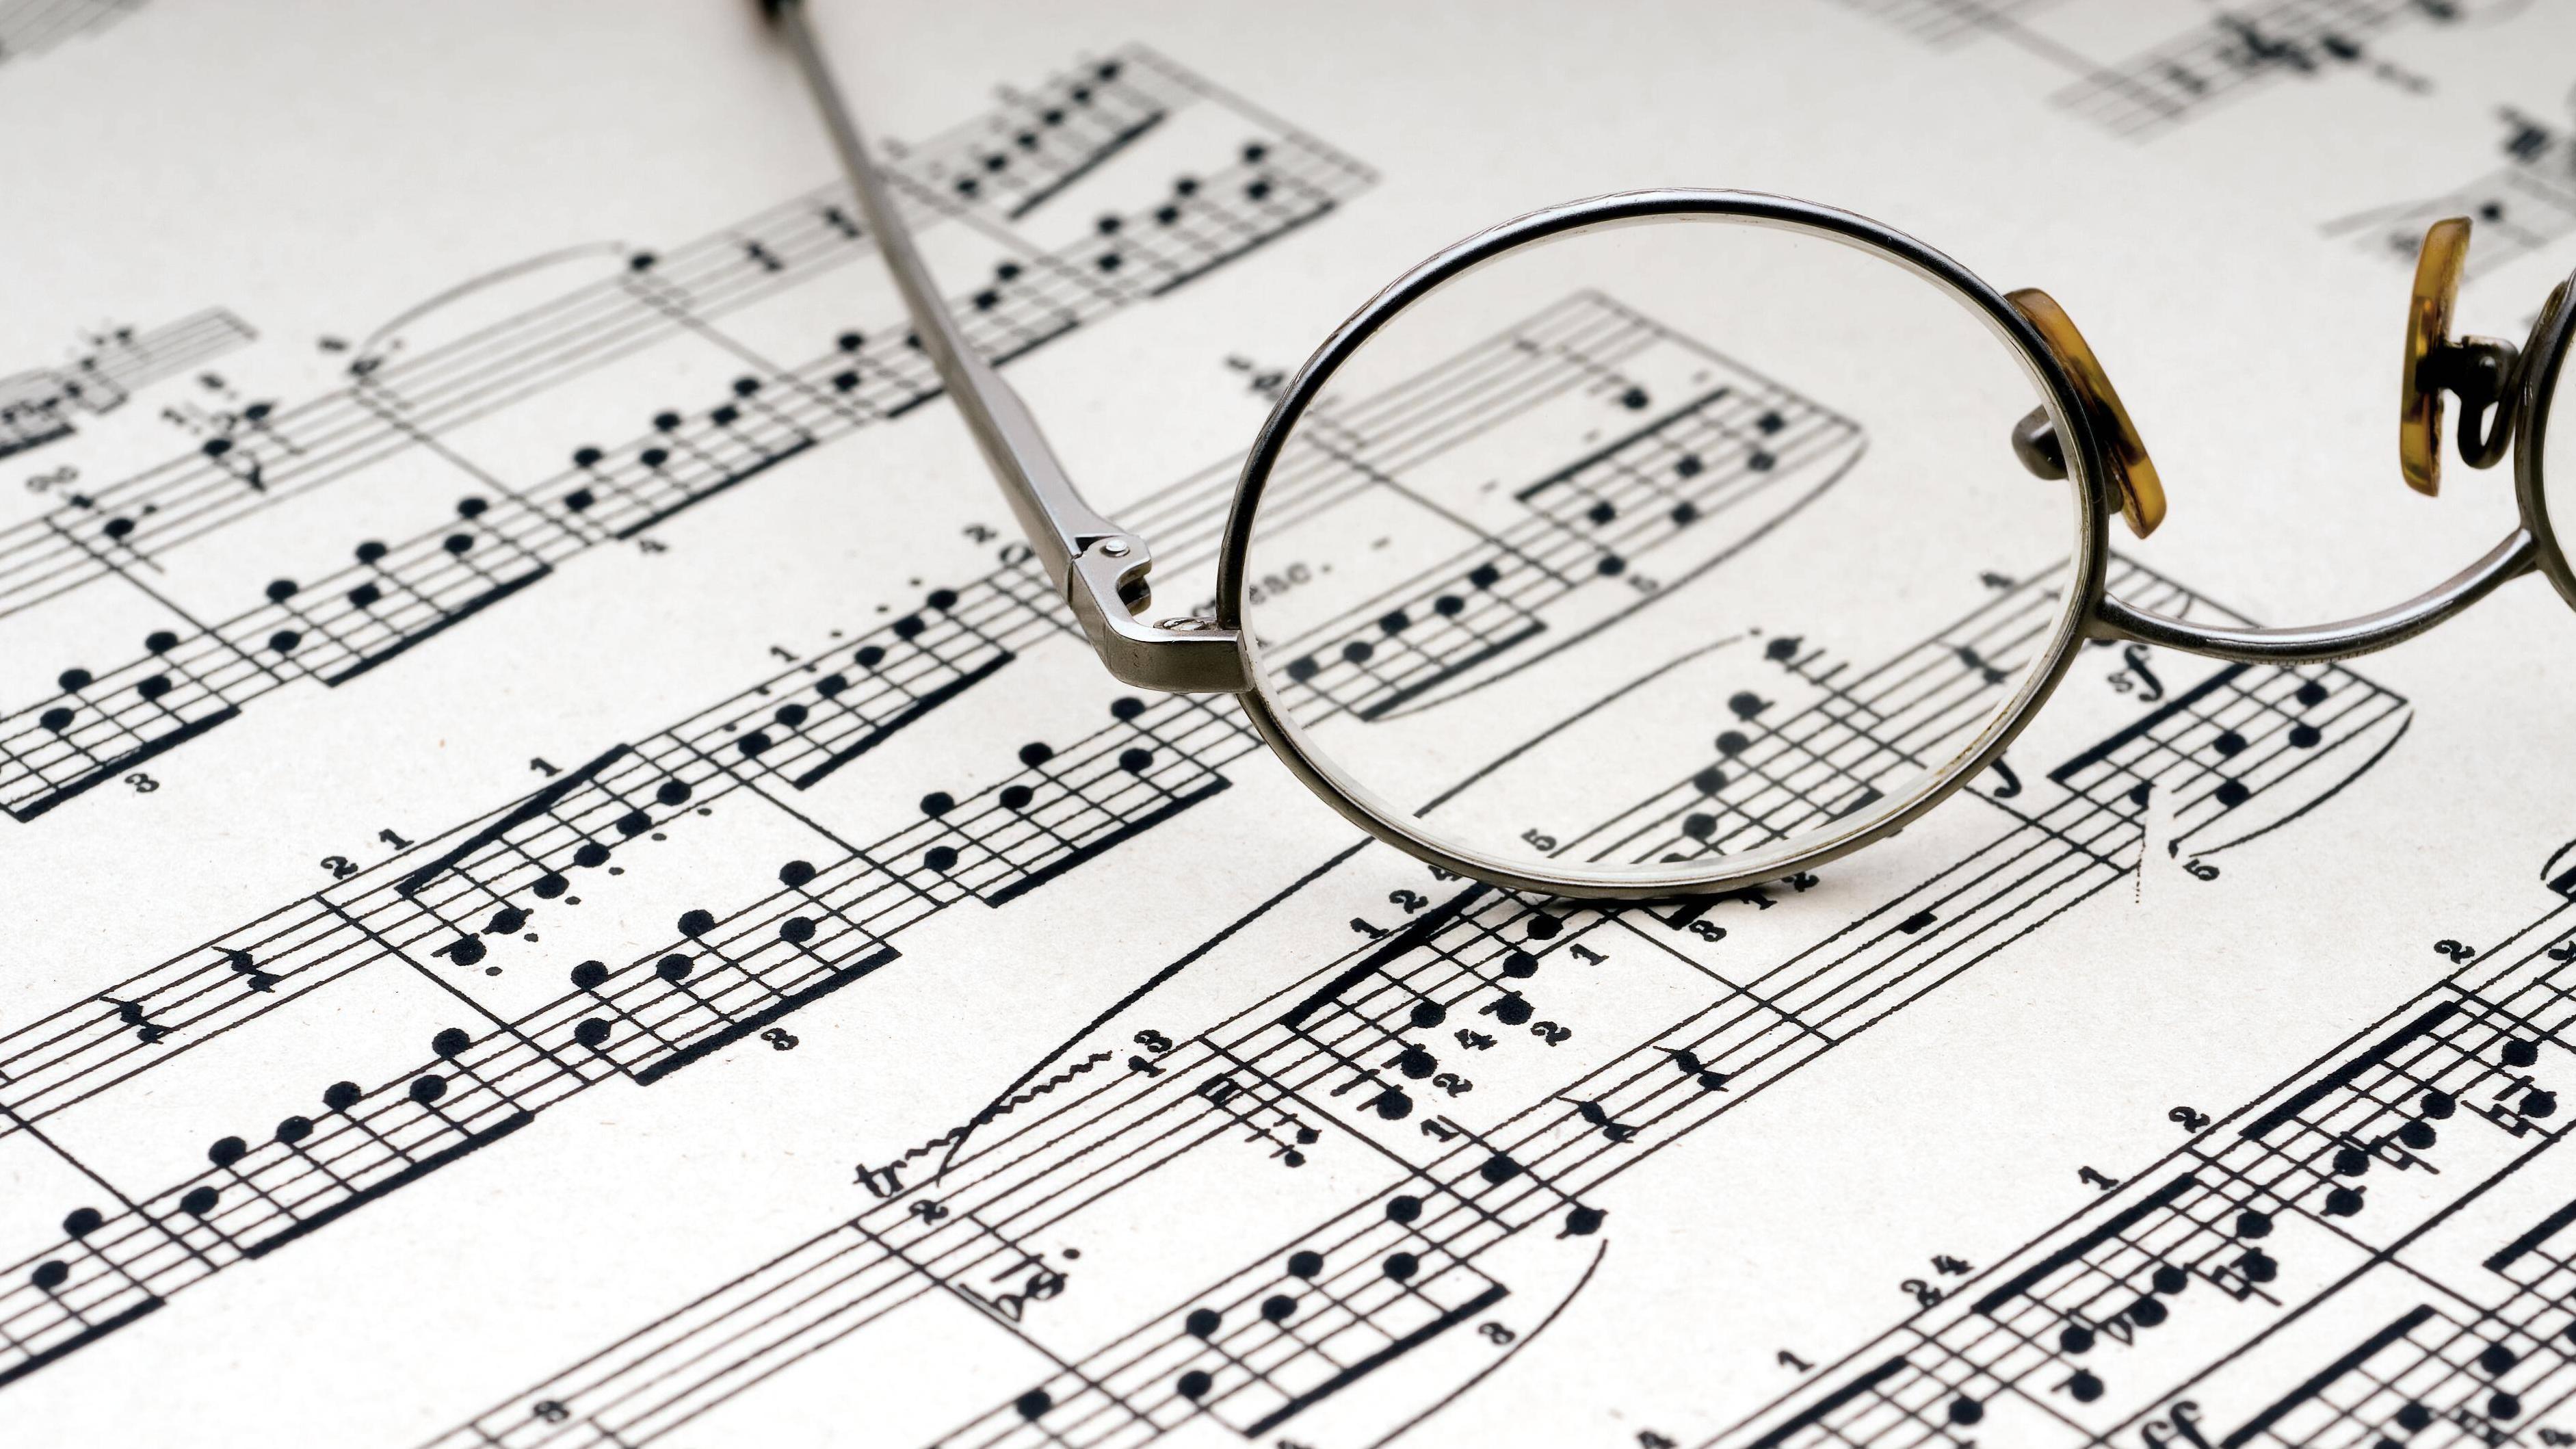 Musik produzieren: Software im Vergleich